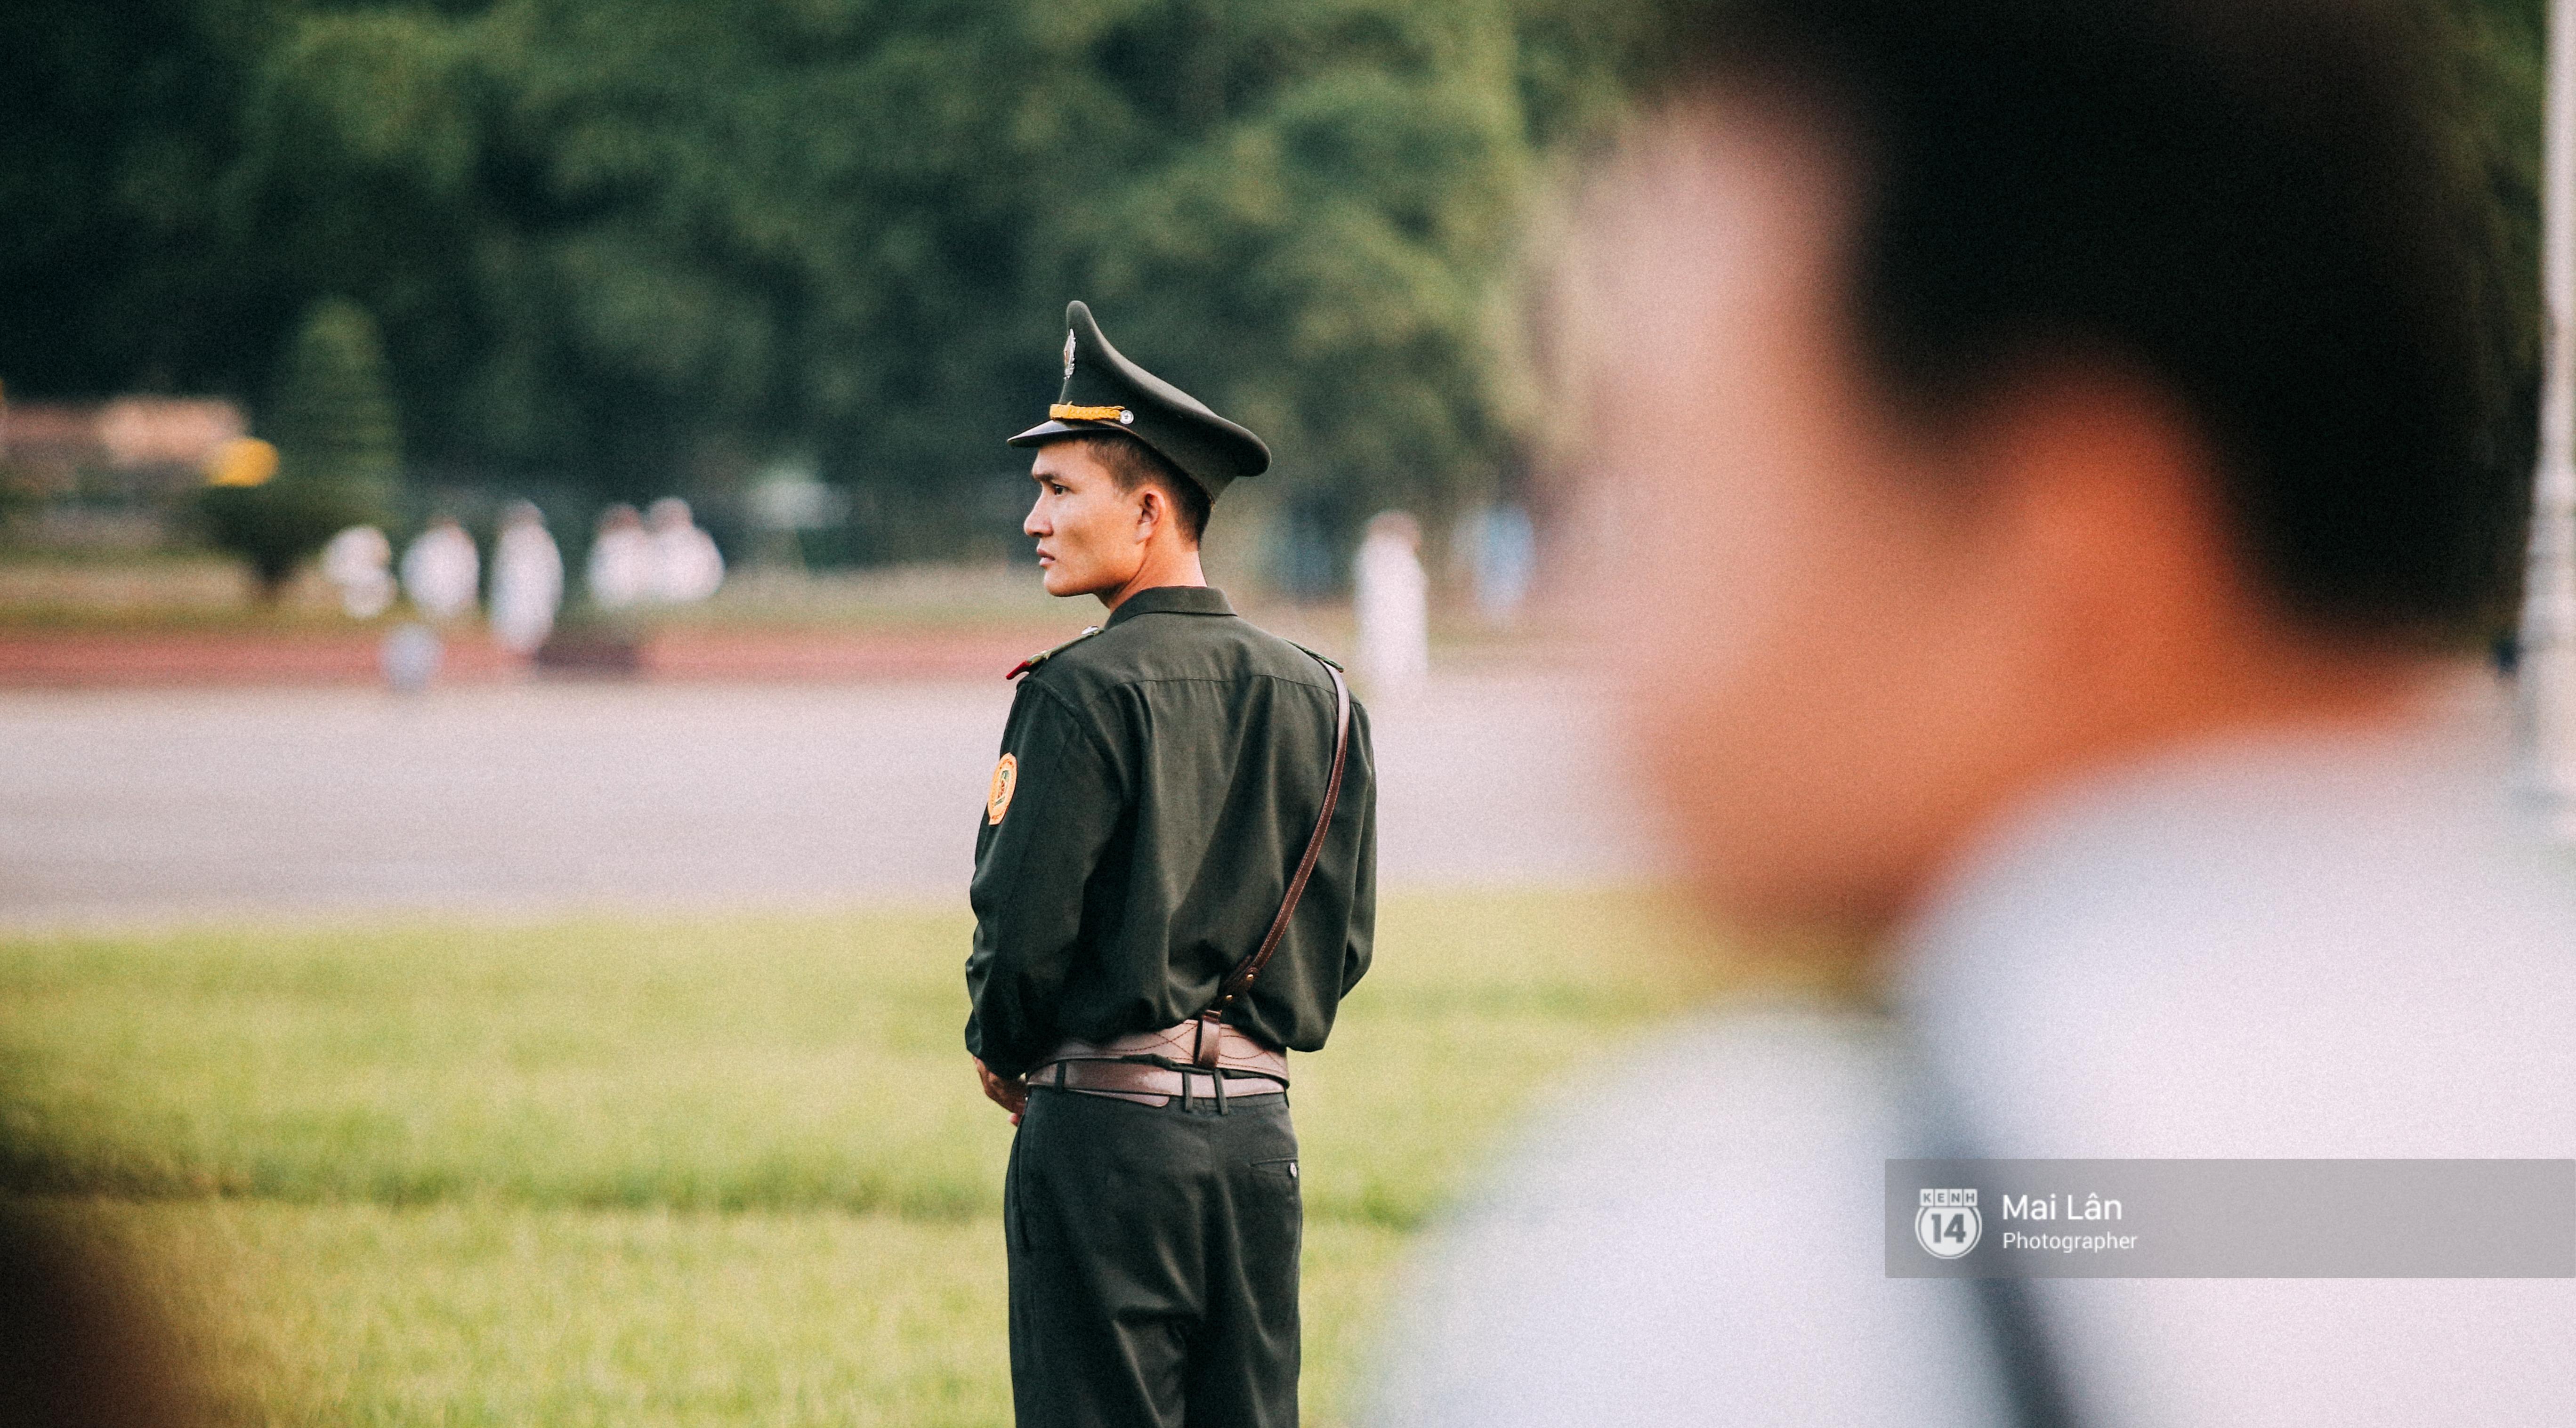 Clip: Người dân Hà Nội chia sẻ cảm xúc trong Lễ chào cờ thiêng liêng sáng 2/9 ở Quảng trường Ba Đình - Ảnh 4.